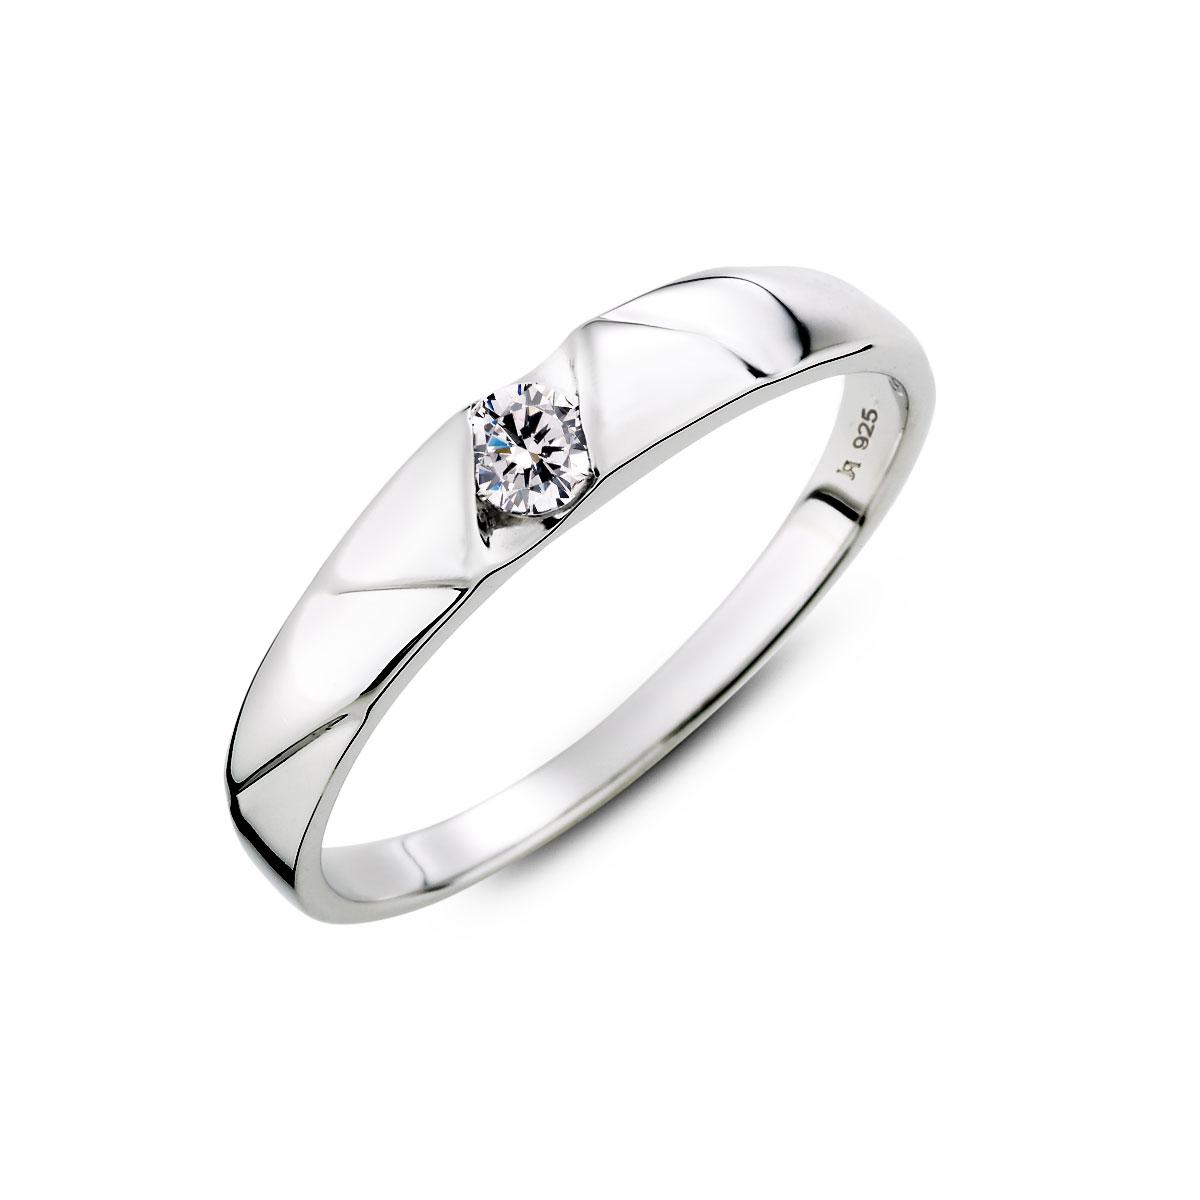 KSW345 優雅特殊切面單鑽戒指